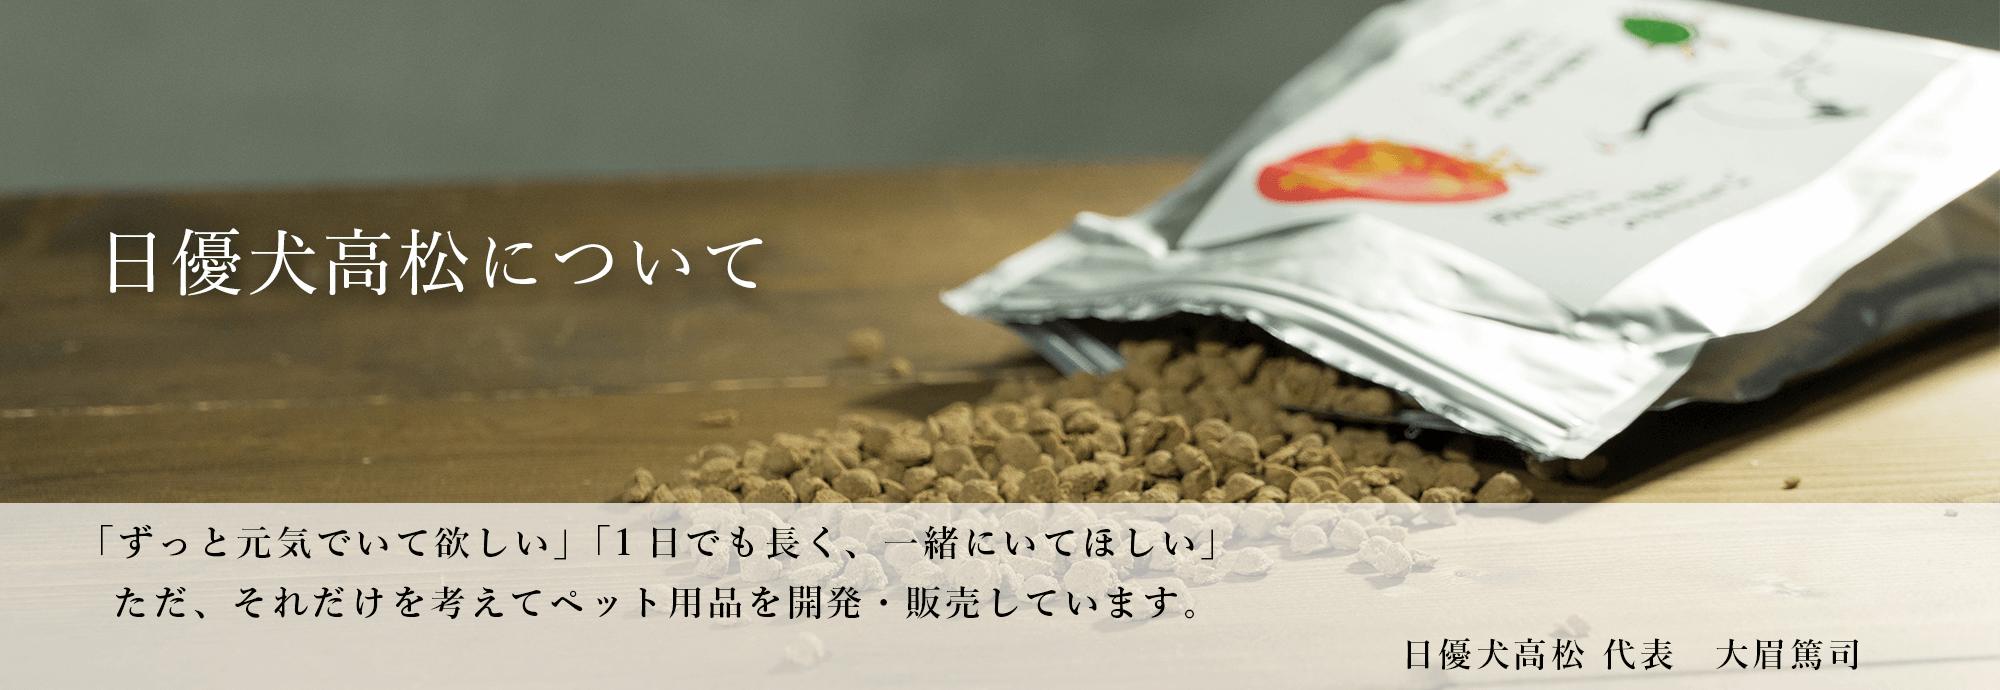 日優犬高松について「ずっと元気でいて欲しい」「1日でも長く、一緒にいてほしい」ただ、それだけを考えてペット用品を開発・販売しています。